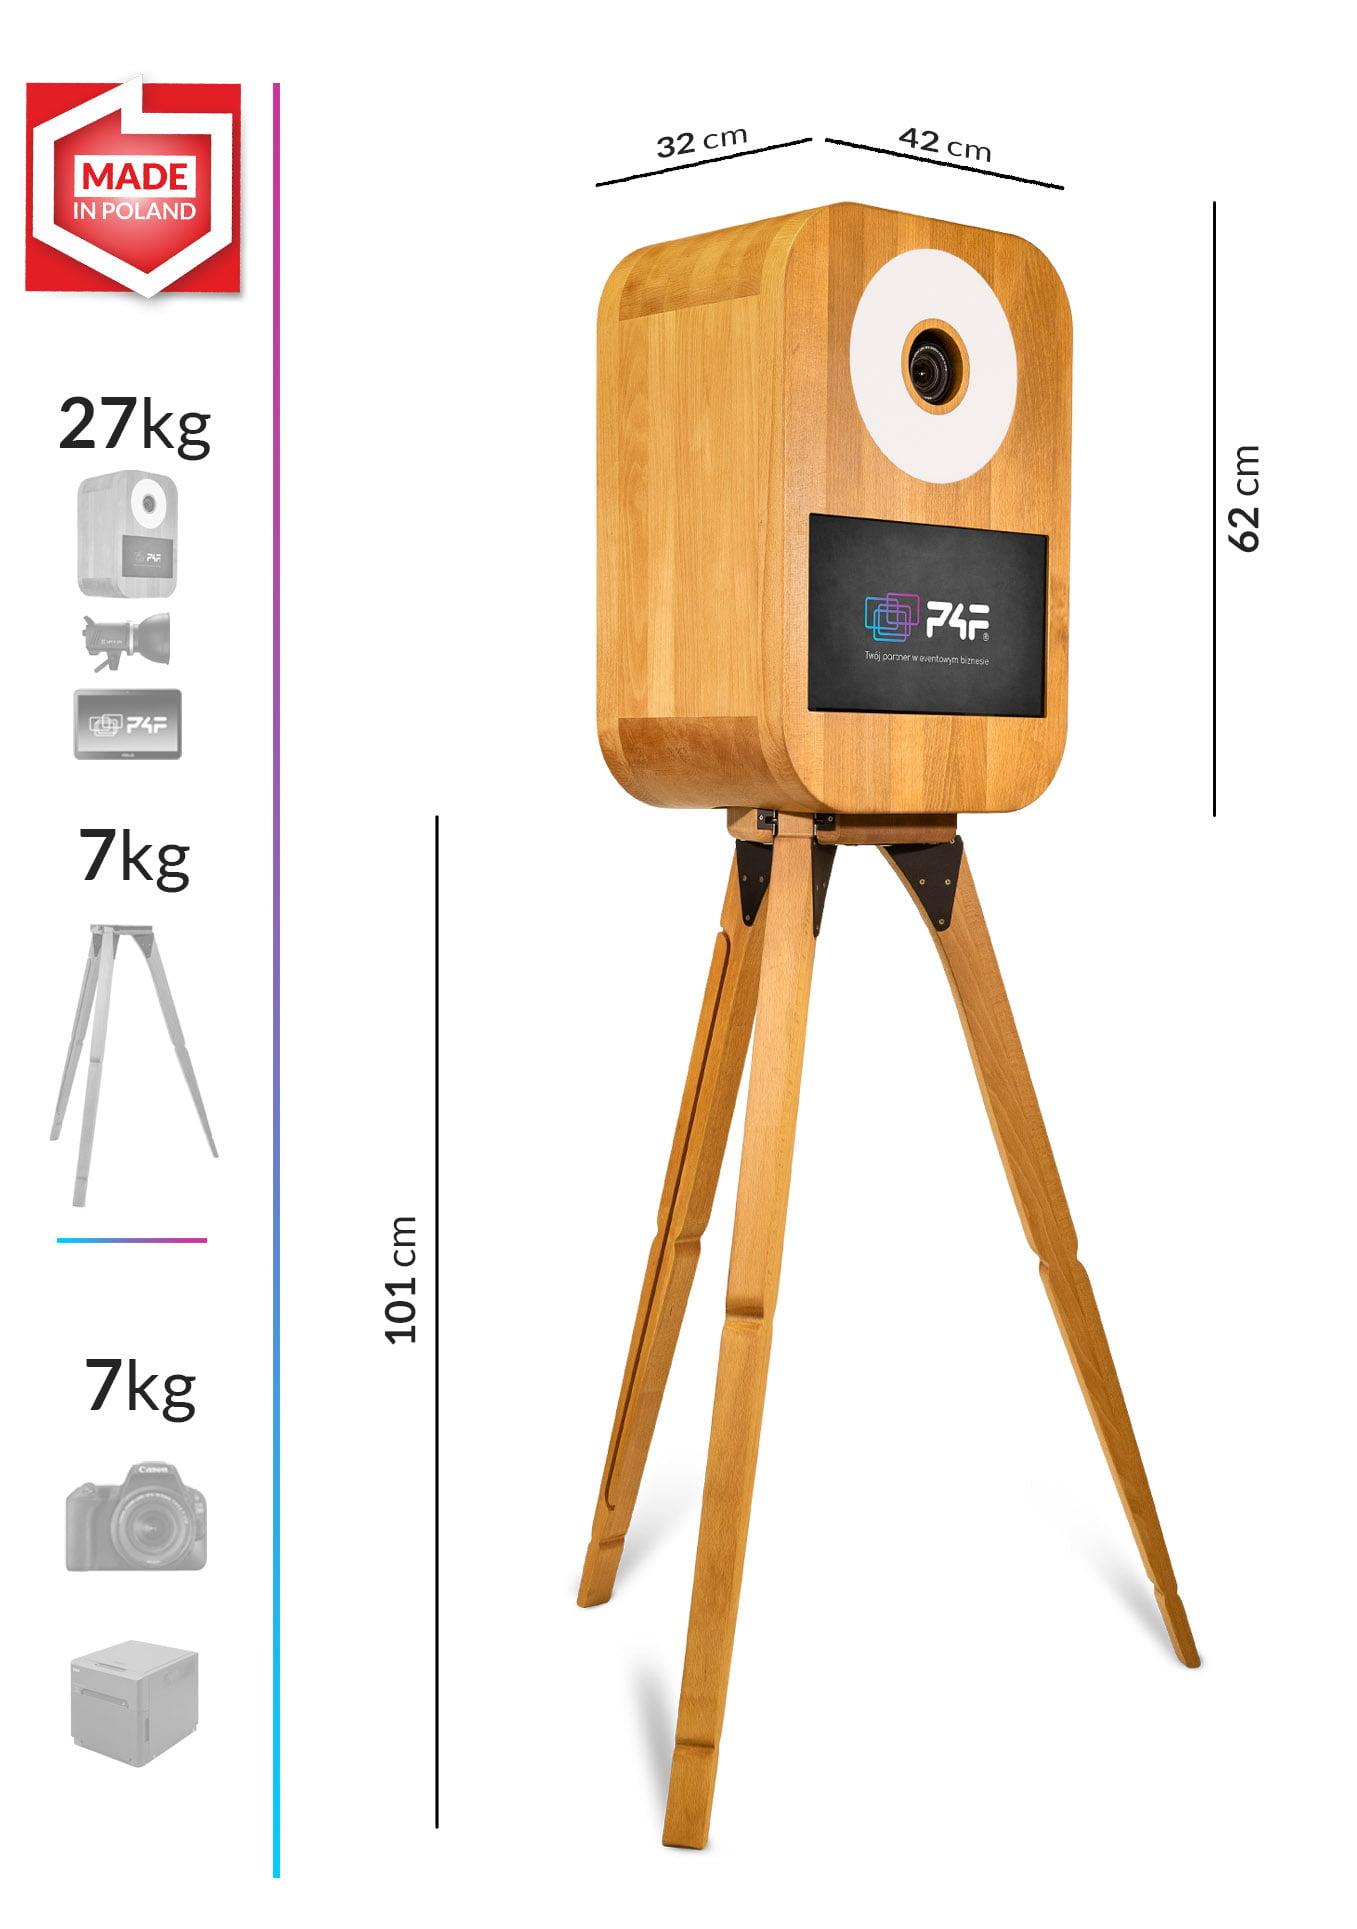 fotobudka retro s one wymiary i waga